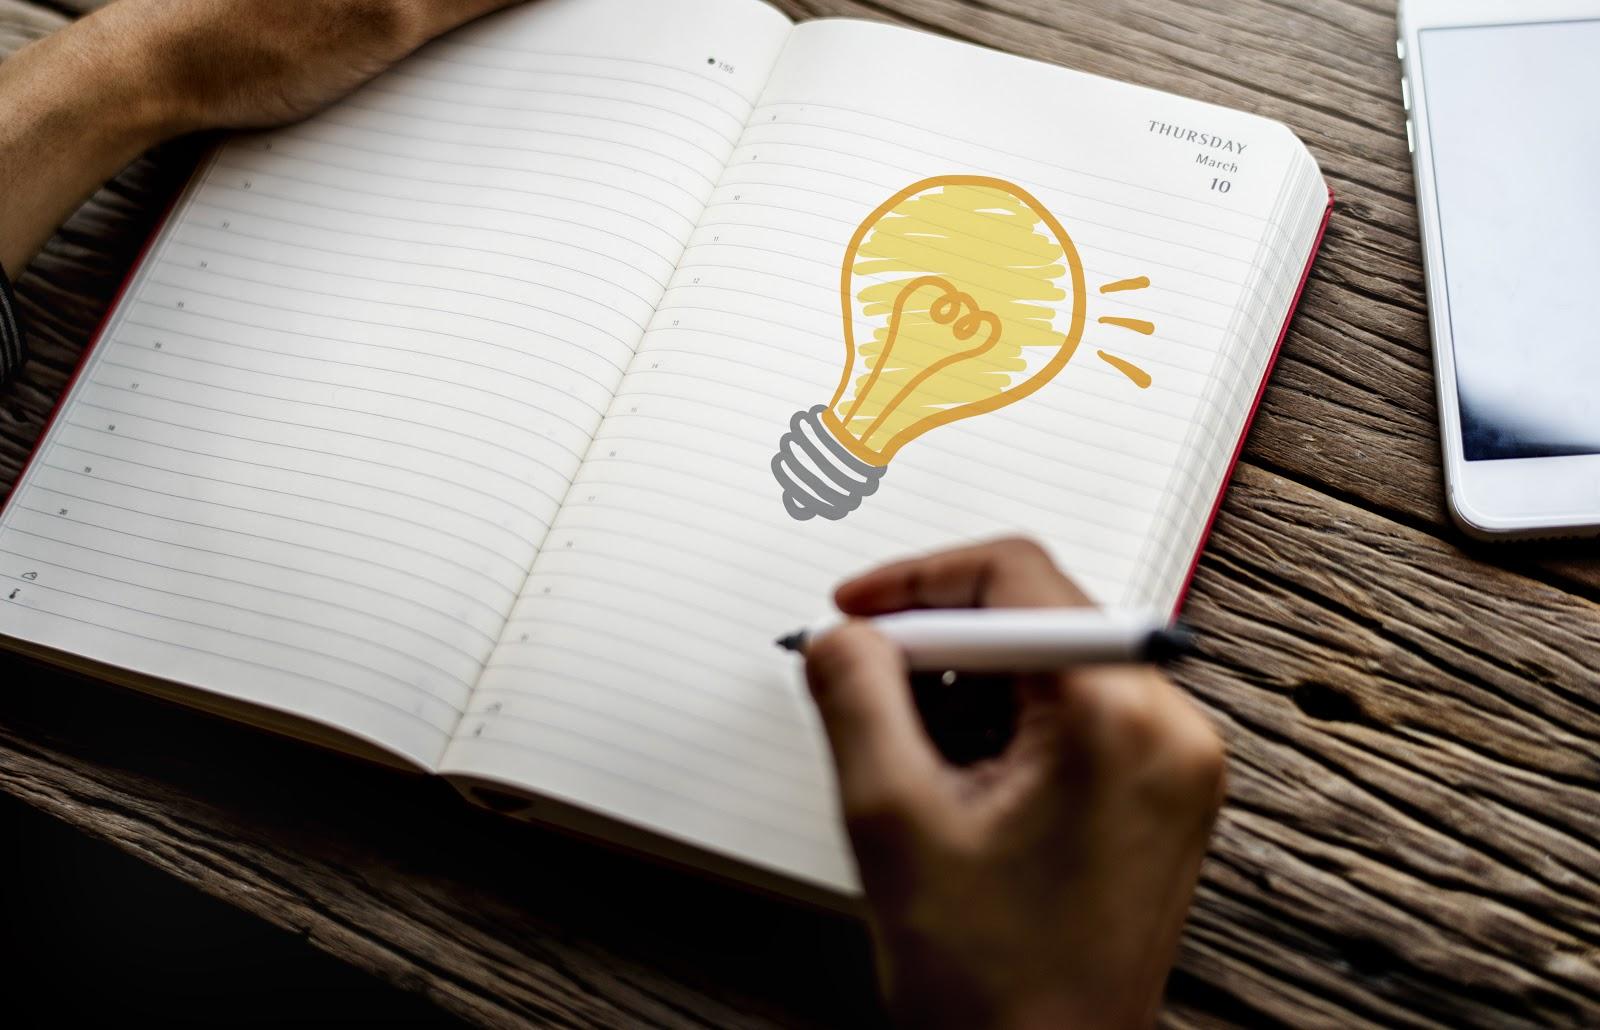 Um caderno com uma lâmpada desenhada.